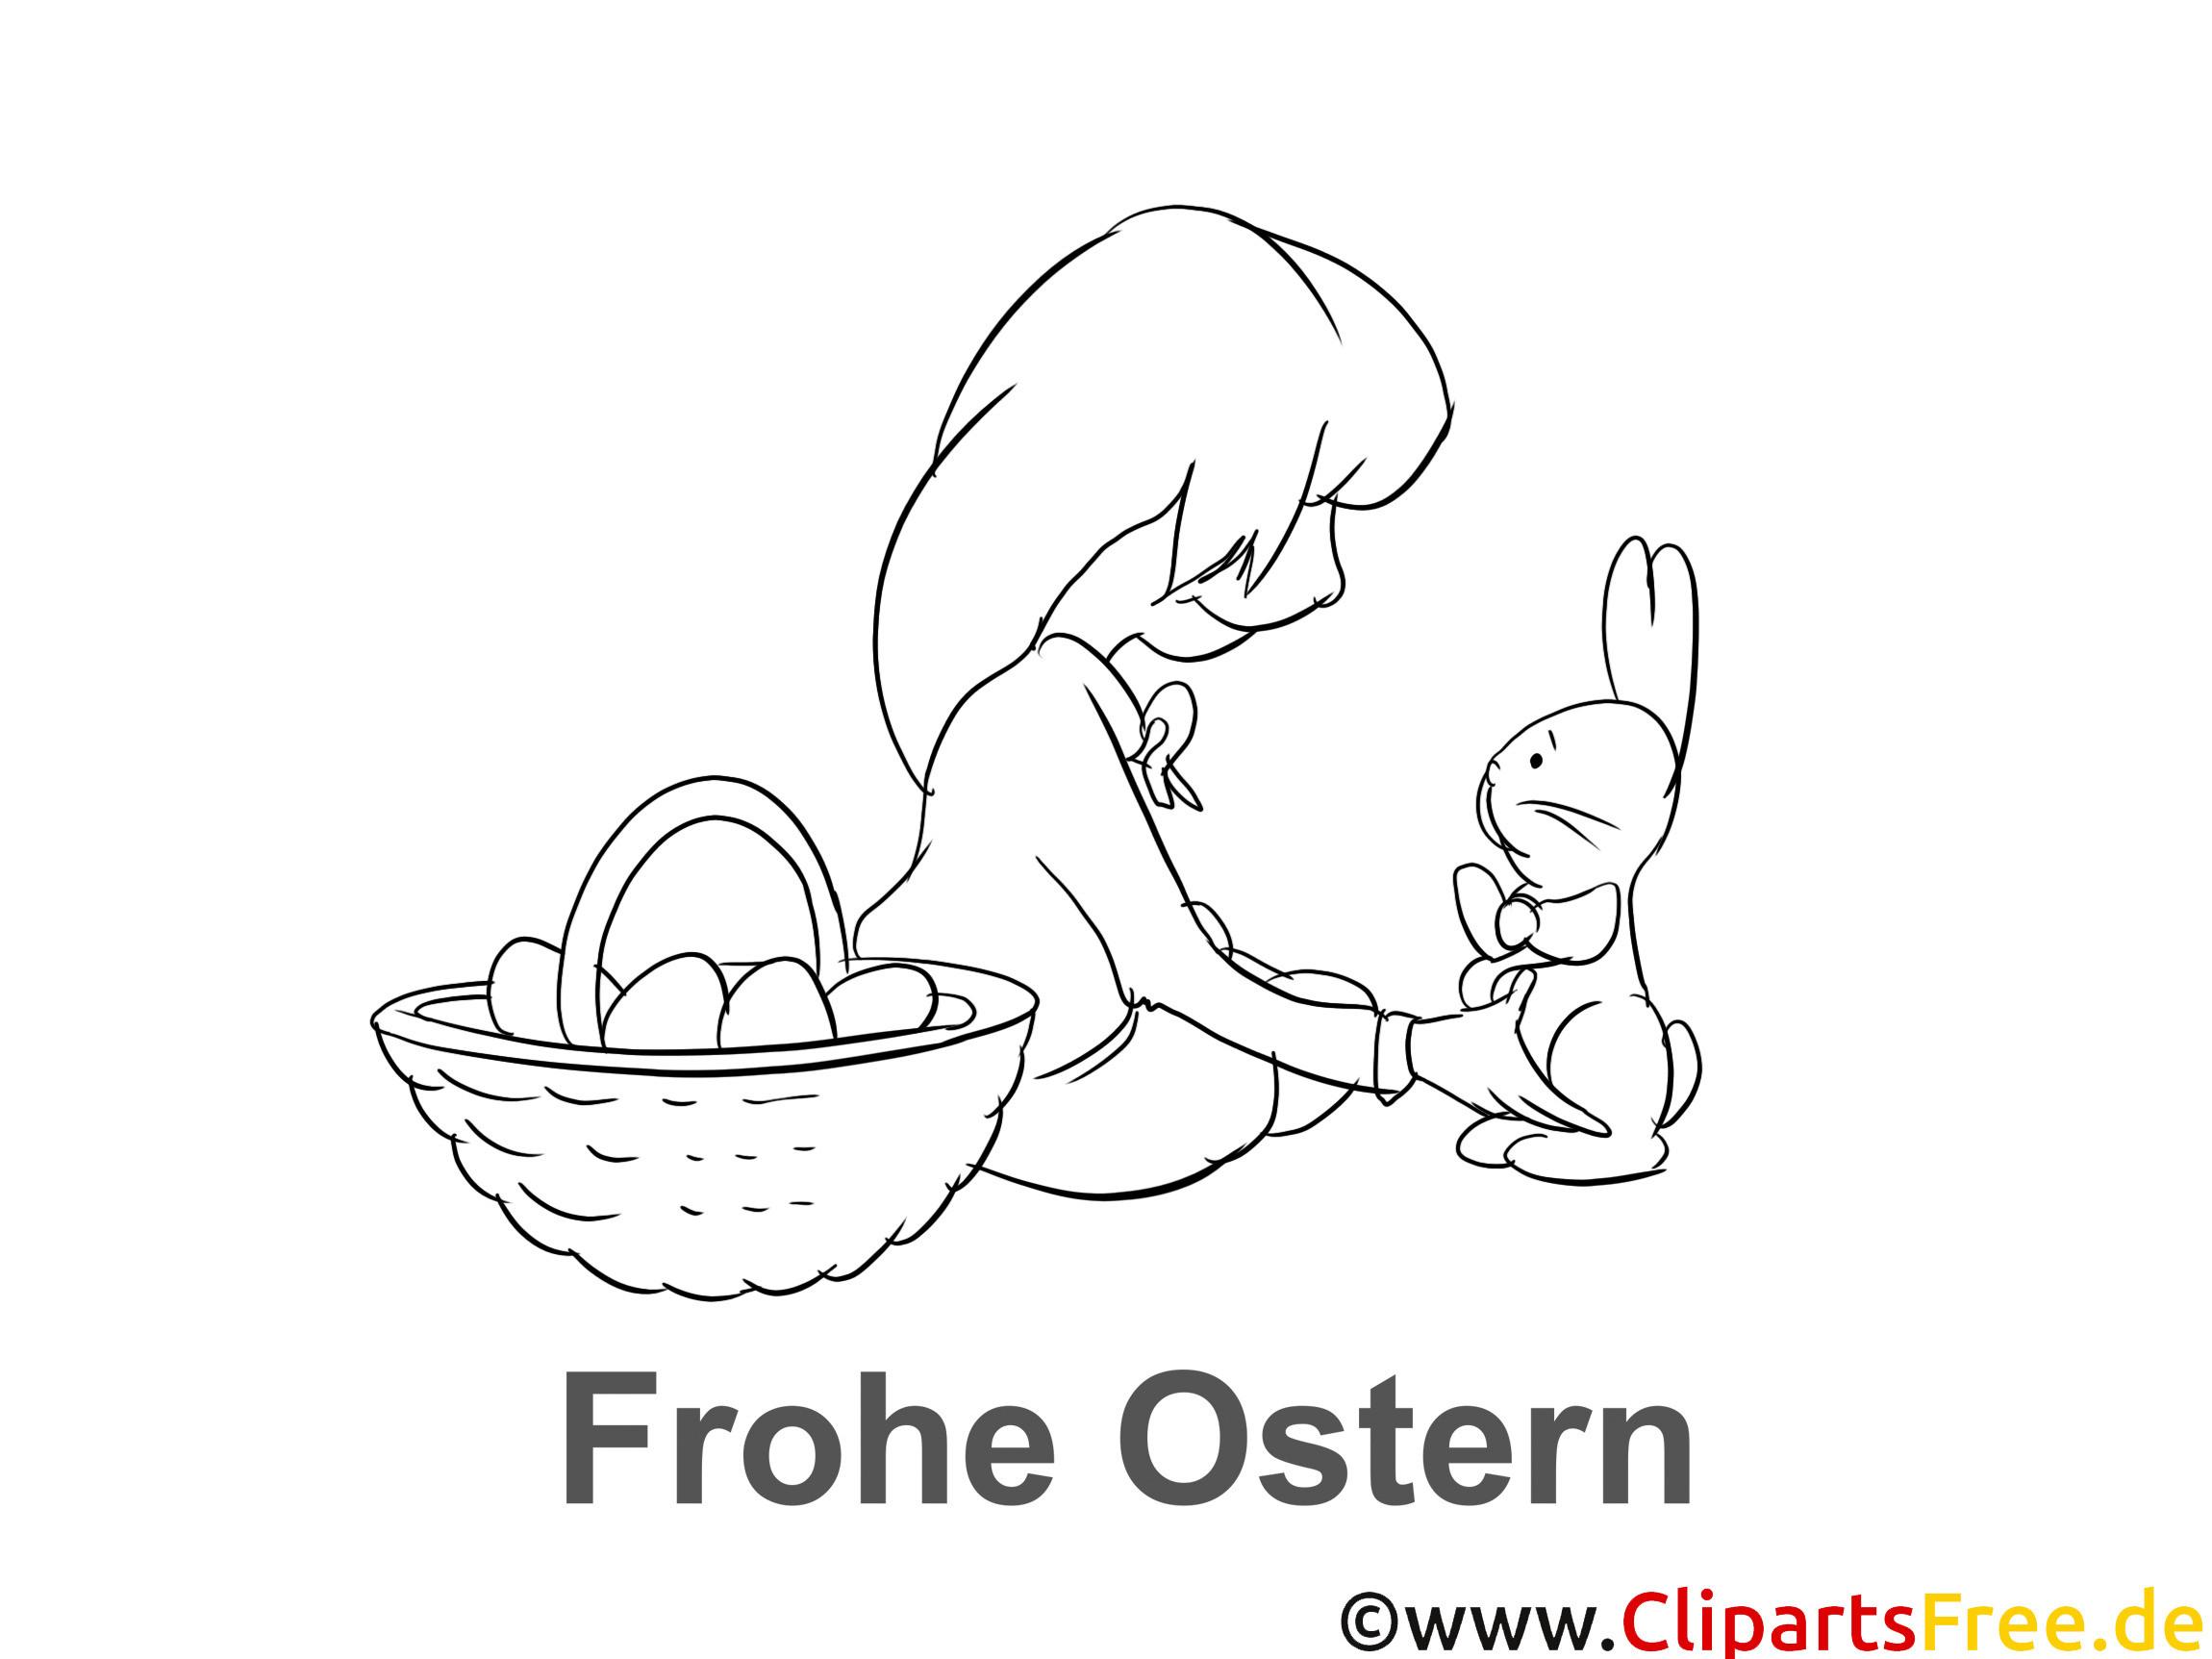 Ausmalbilder Frohe Ostern Frisch Ausmalbilder Ostern Kostenlos Ausdrucken Elegant Frohe Ostern Fotos